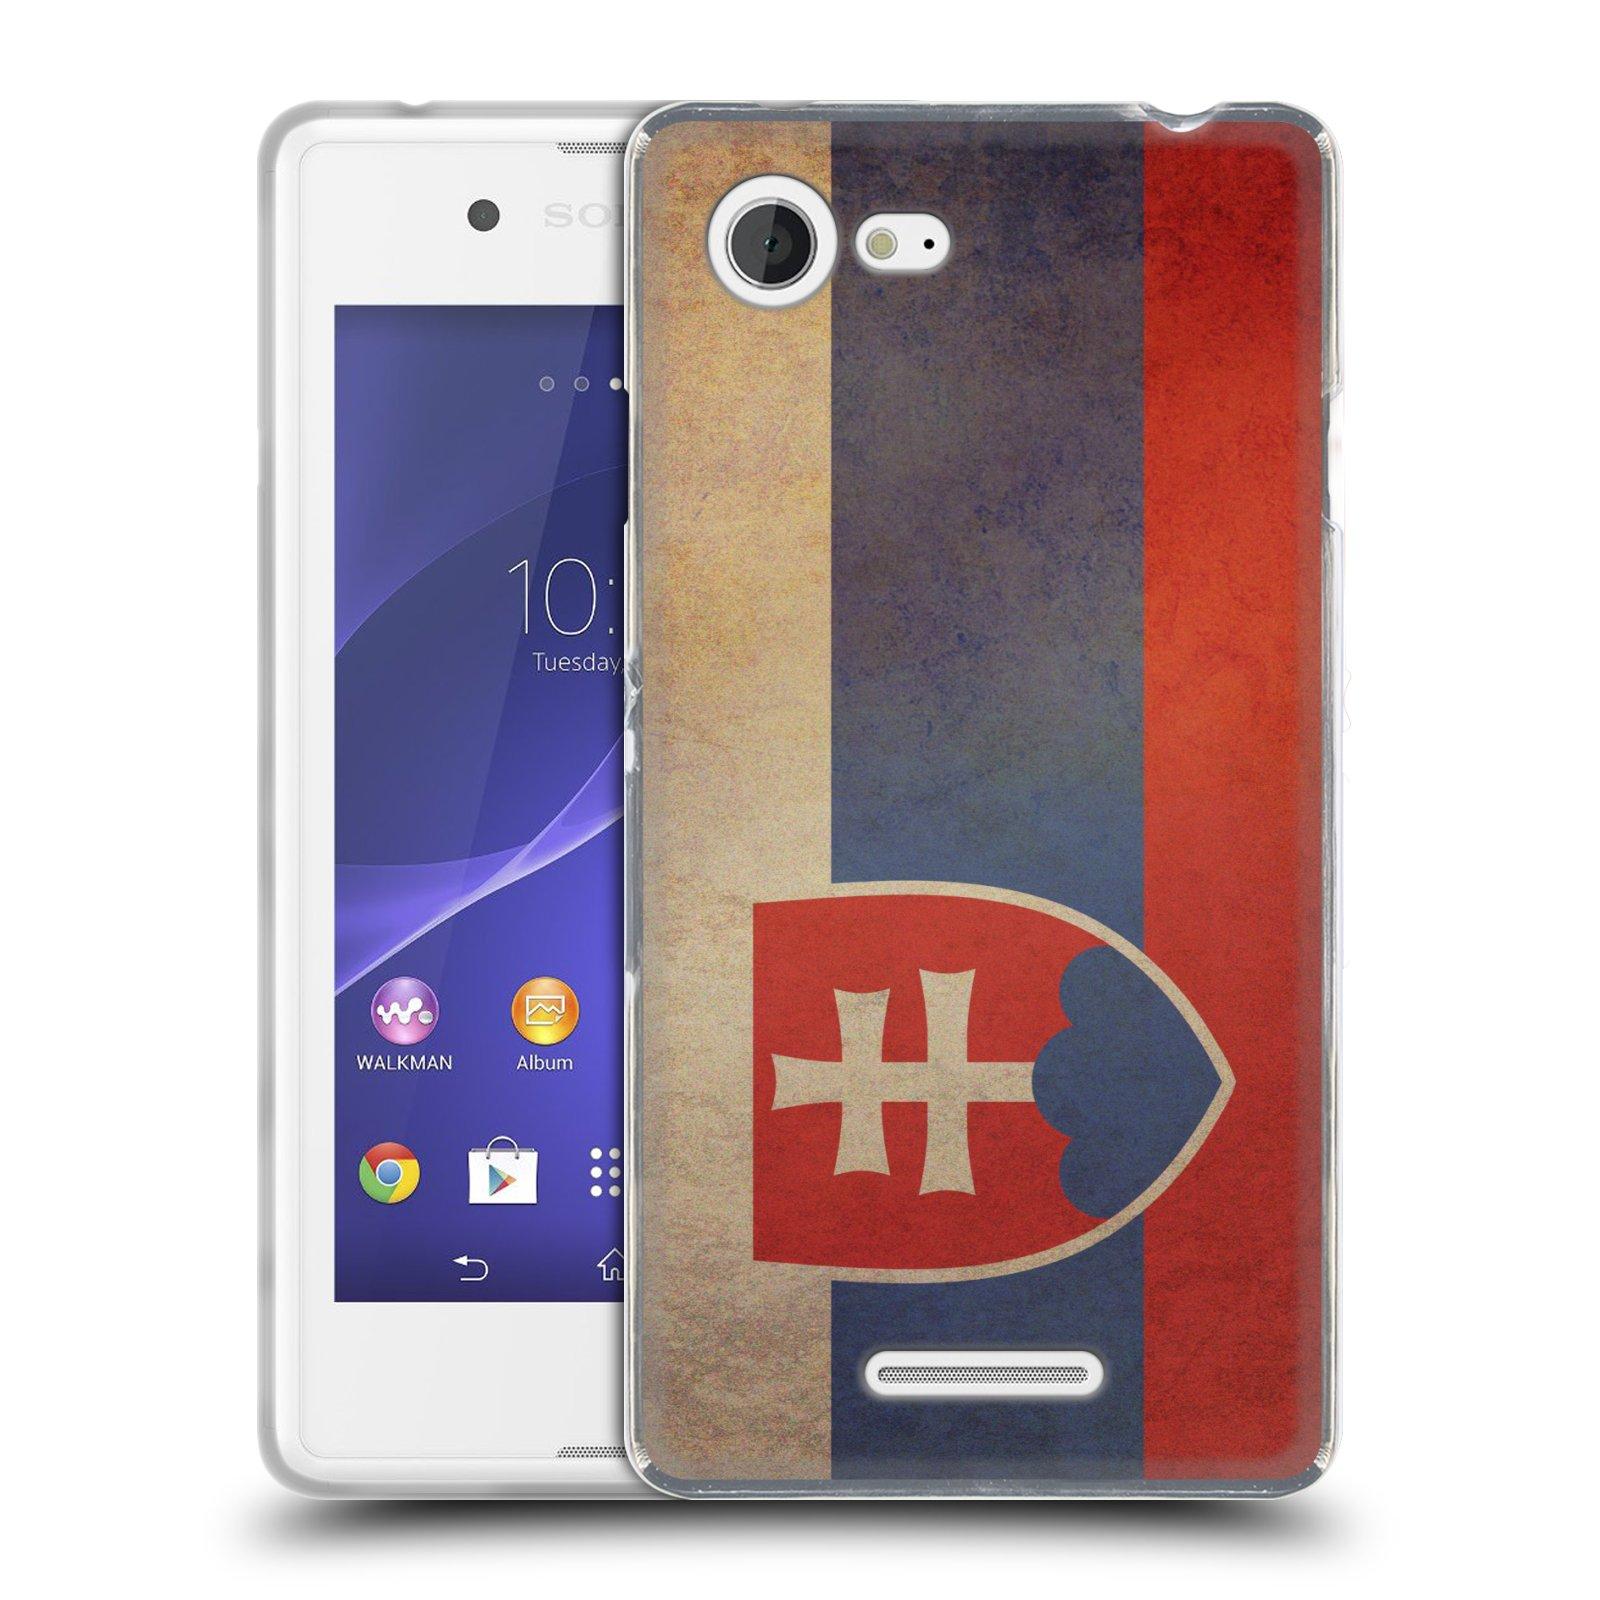 Silikonové pouzdro na mobil Sony Xperia E3 D2203 HEAD CASE VLAJKA SLOVENSKO